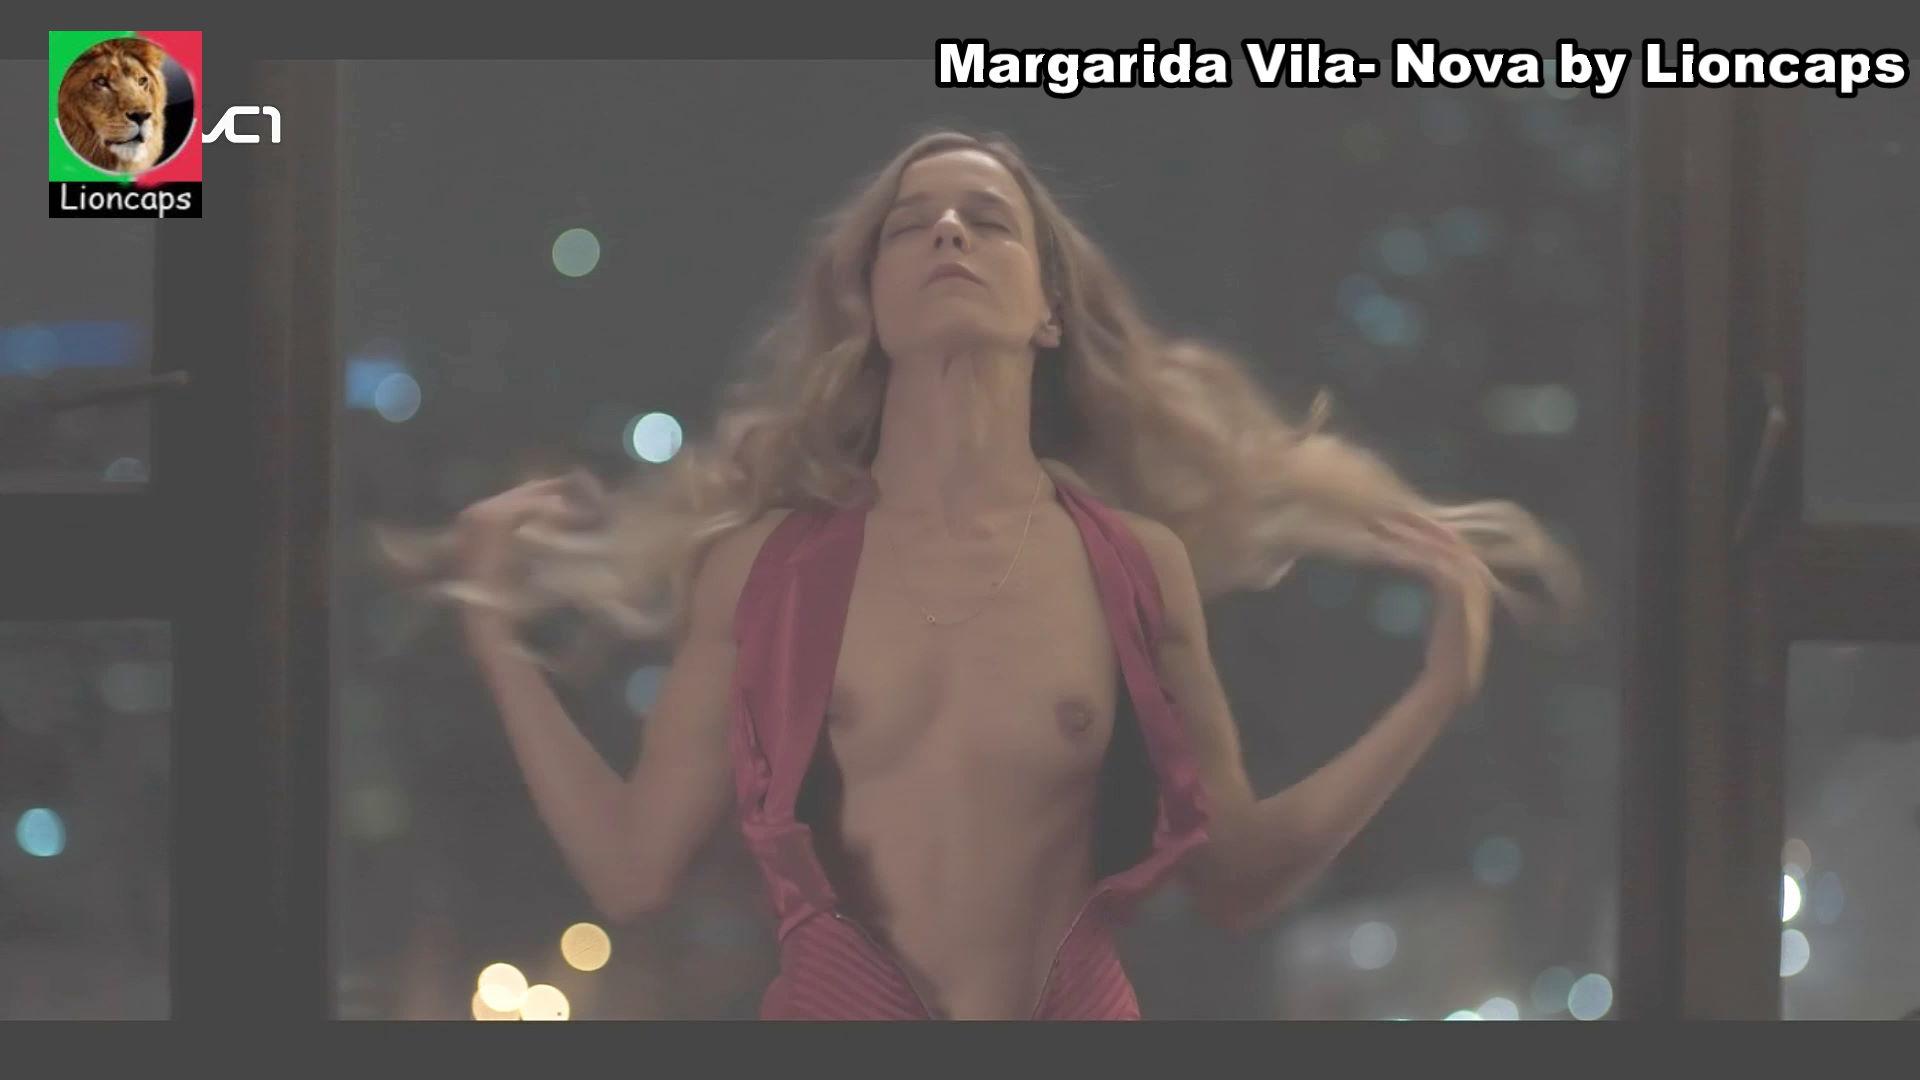 382798519_margarida_vila_nova_vs191110_0407_123_365lo.JPG